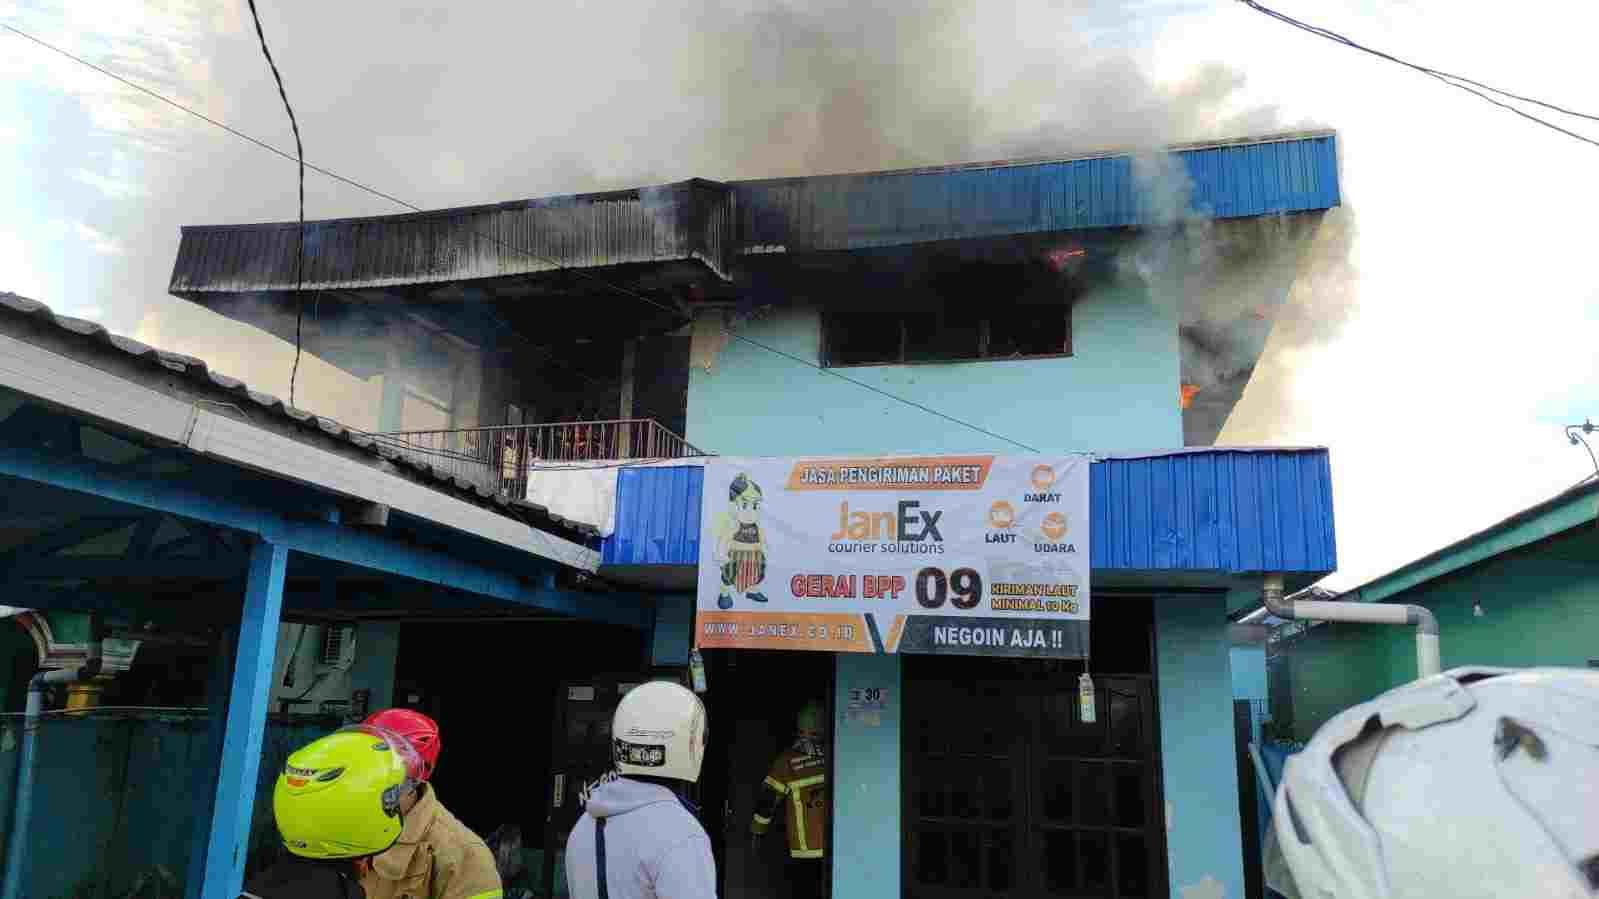 Kebakaran di Jalan Blora 2, Kantor Ekspedisi Terbakar